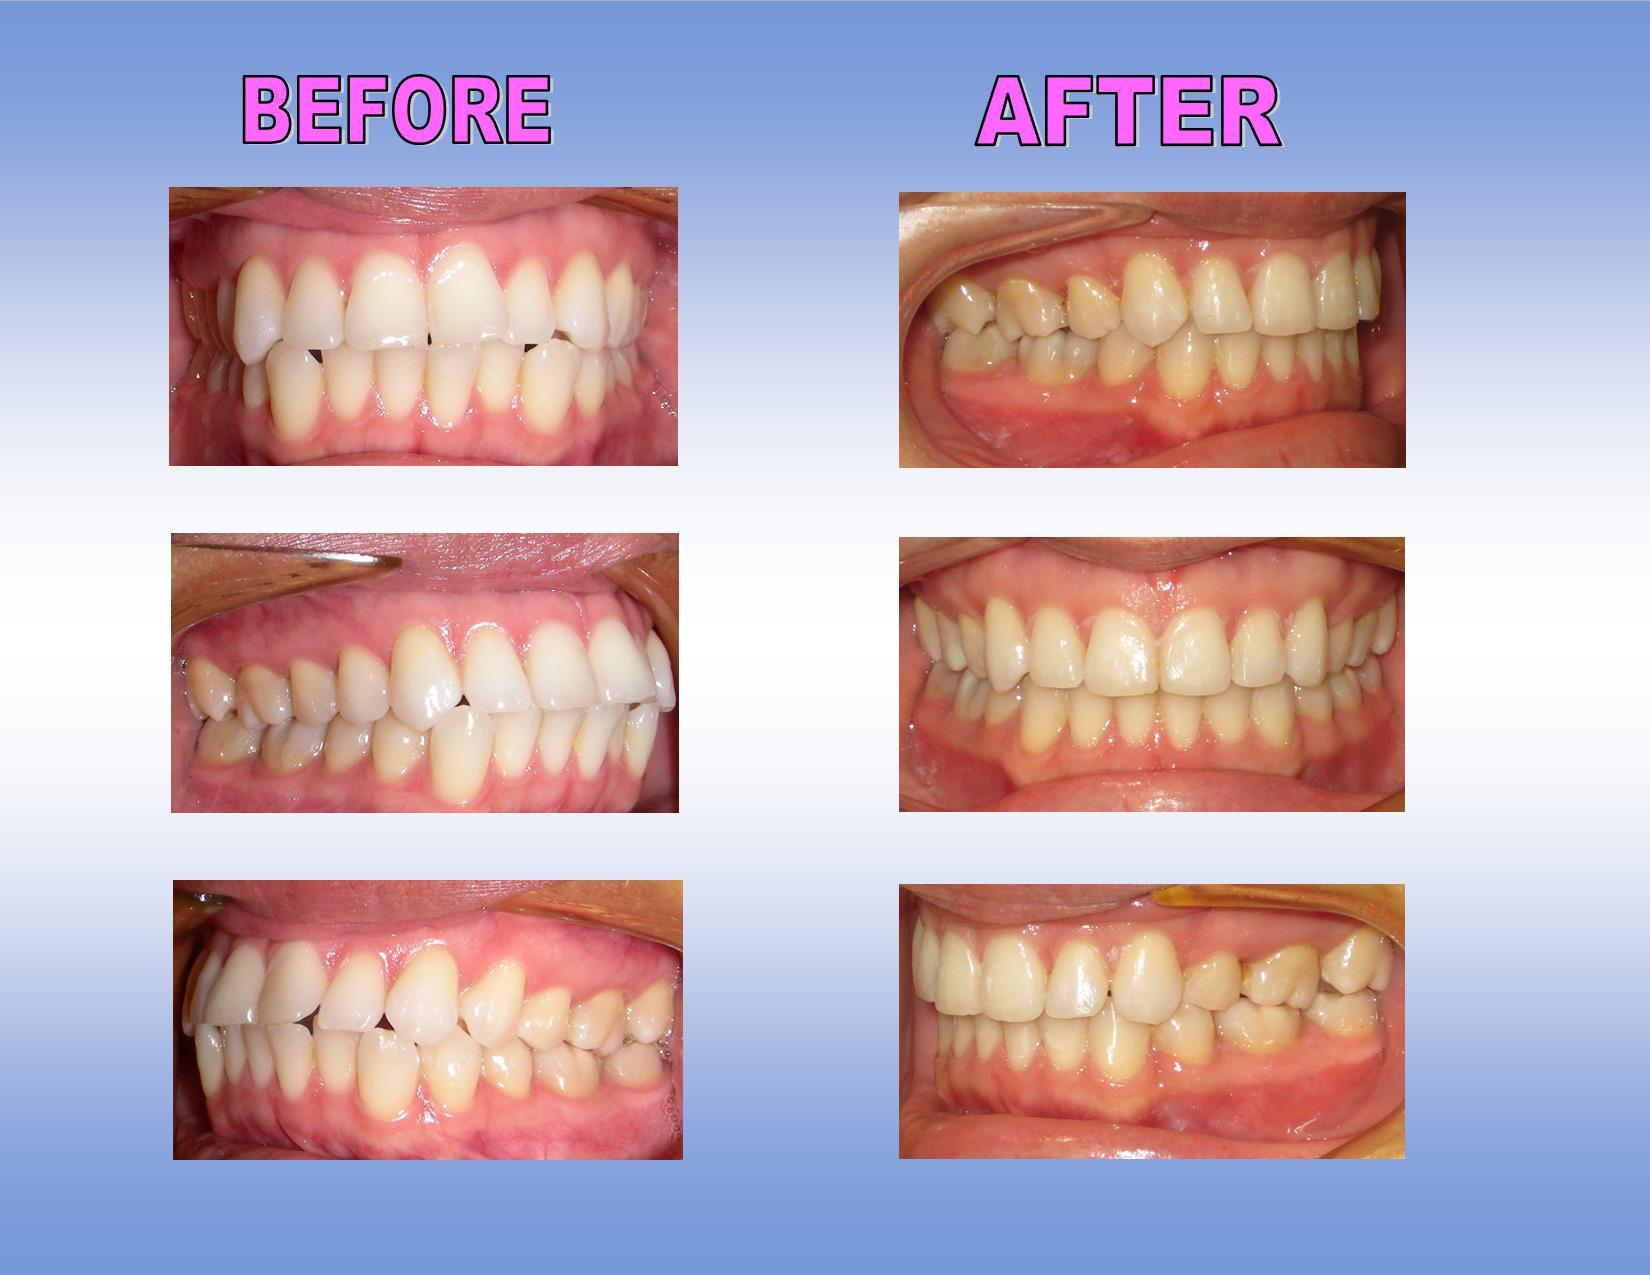 Niềng răng - P/pháp chữa răng cửa to và hô NHANH nhất 3